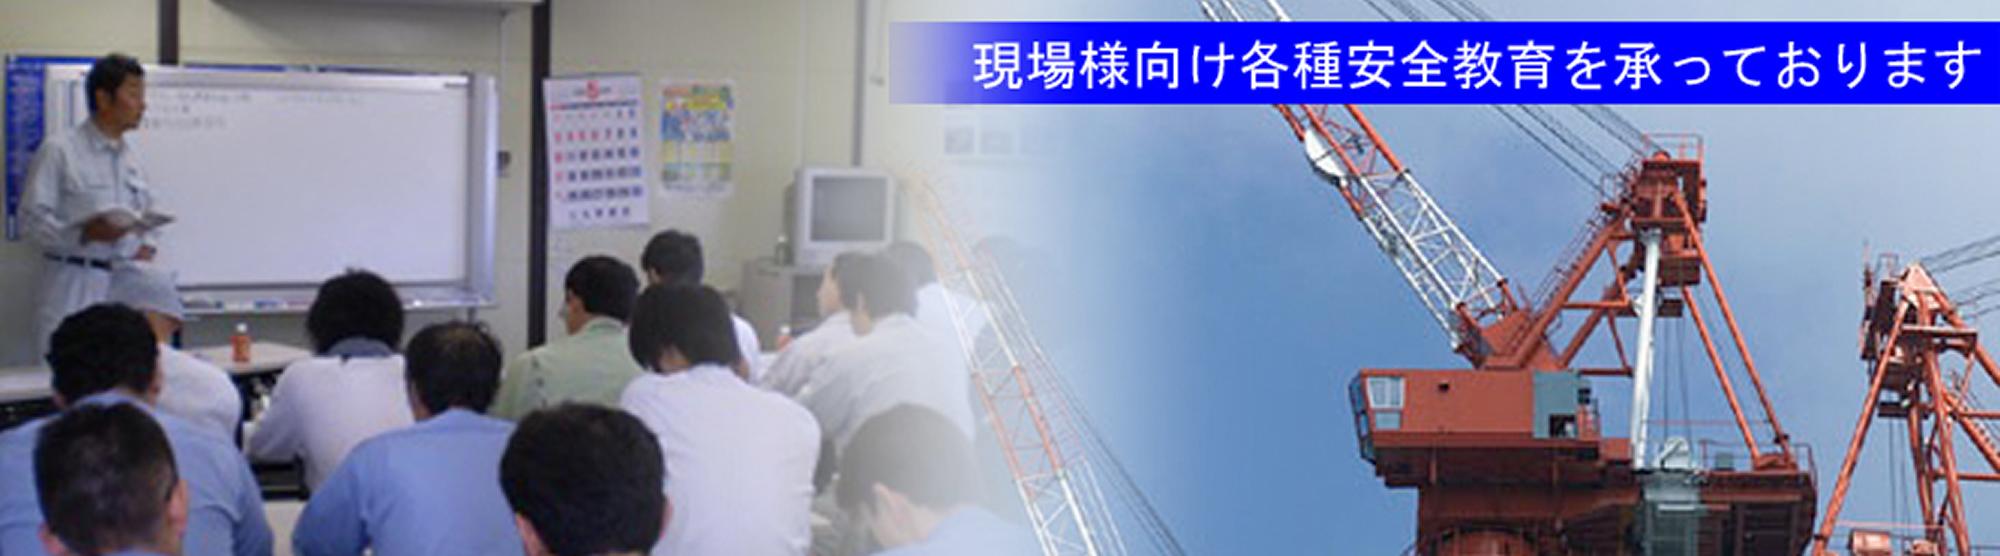 東京労働局登録教習機関|エスアールエス